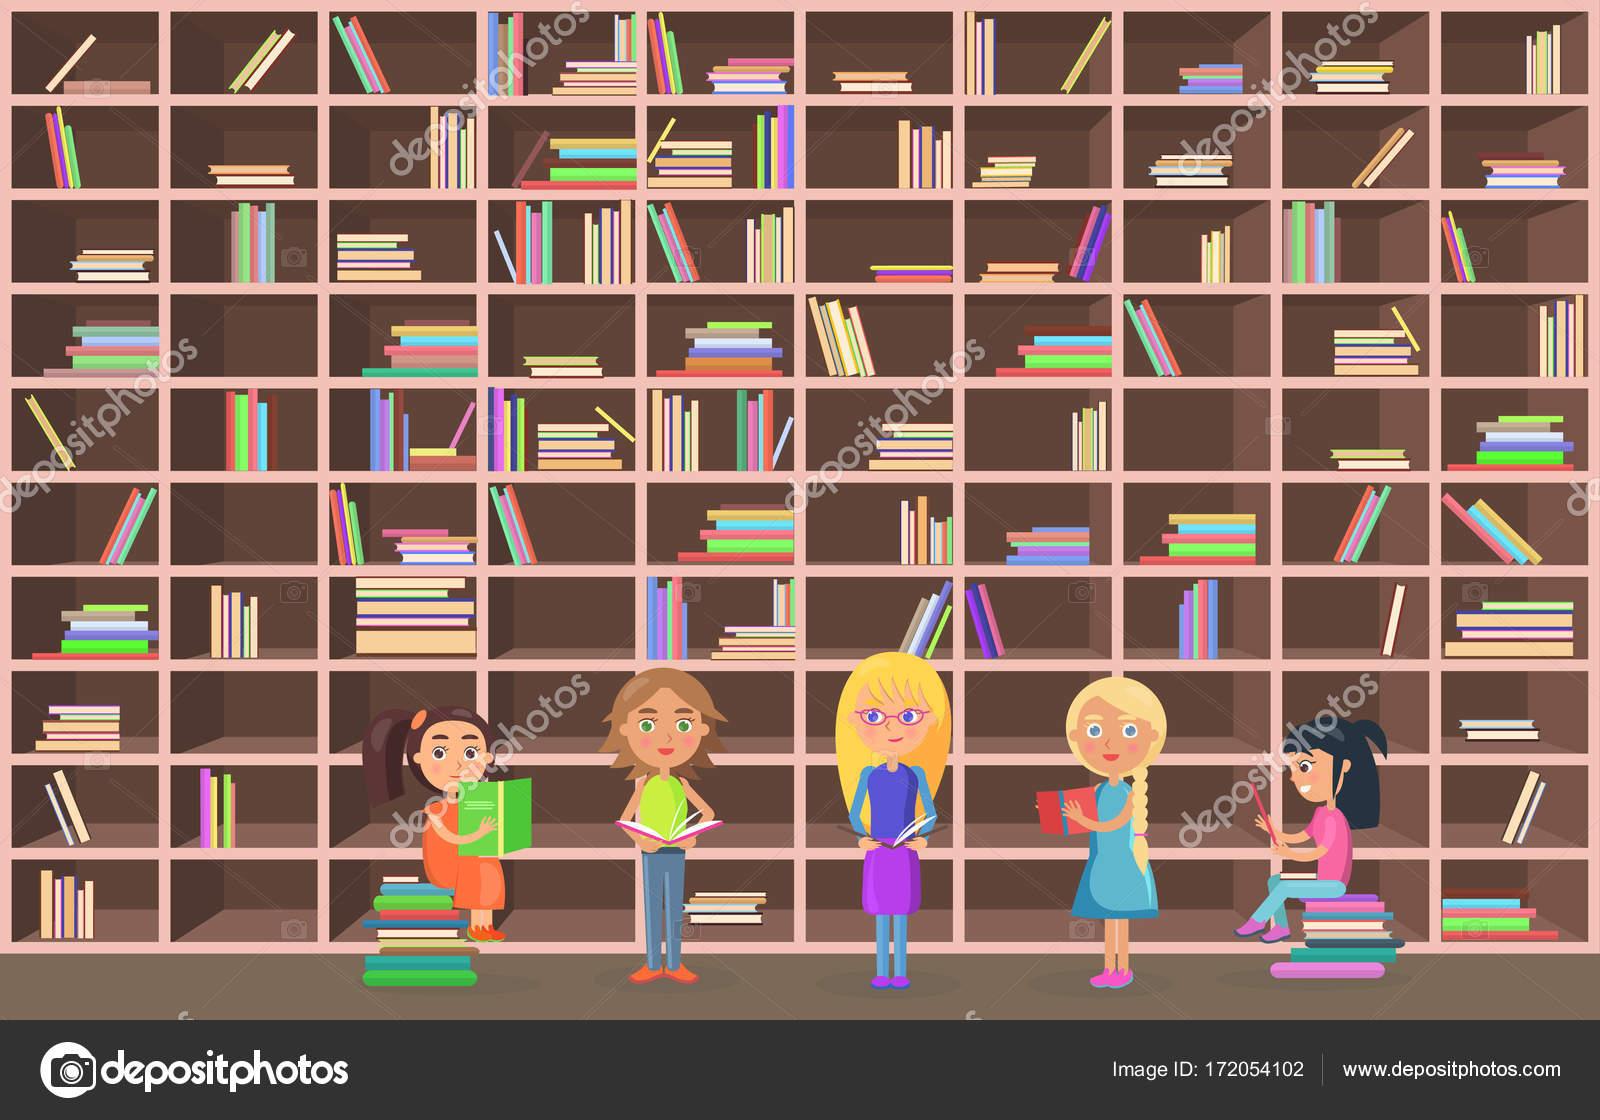 kinderen in bibliotheek lezen boeken naast boekenkast stockvector